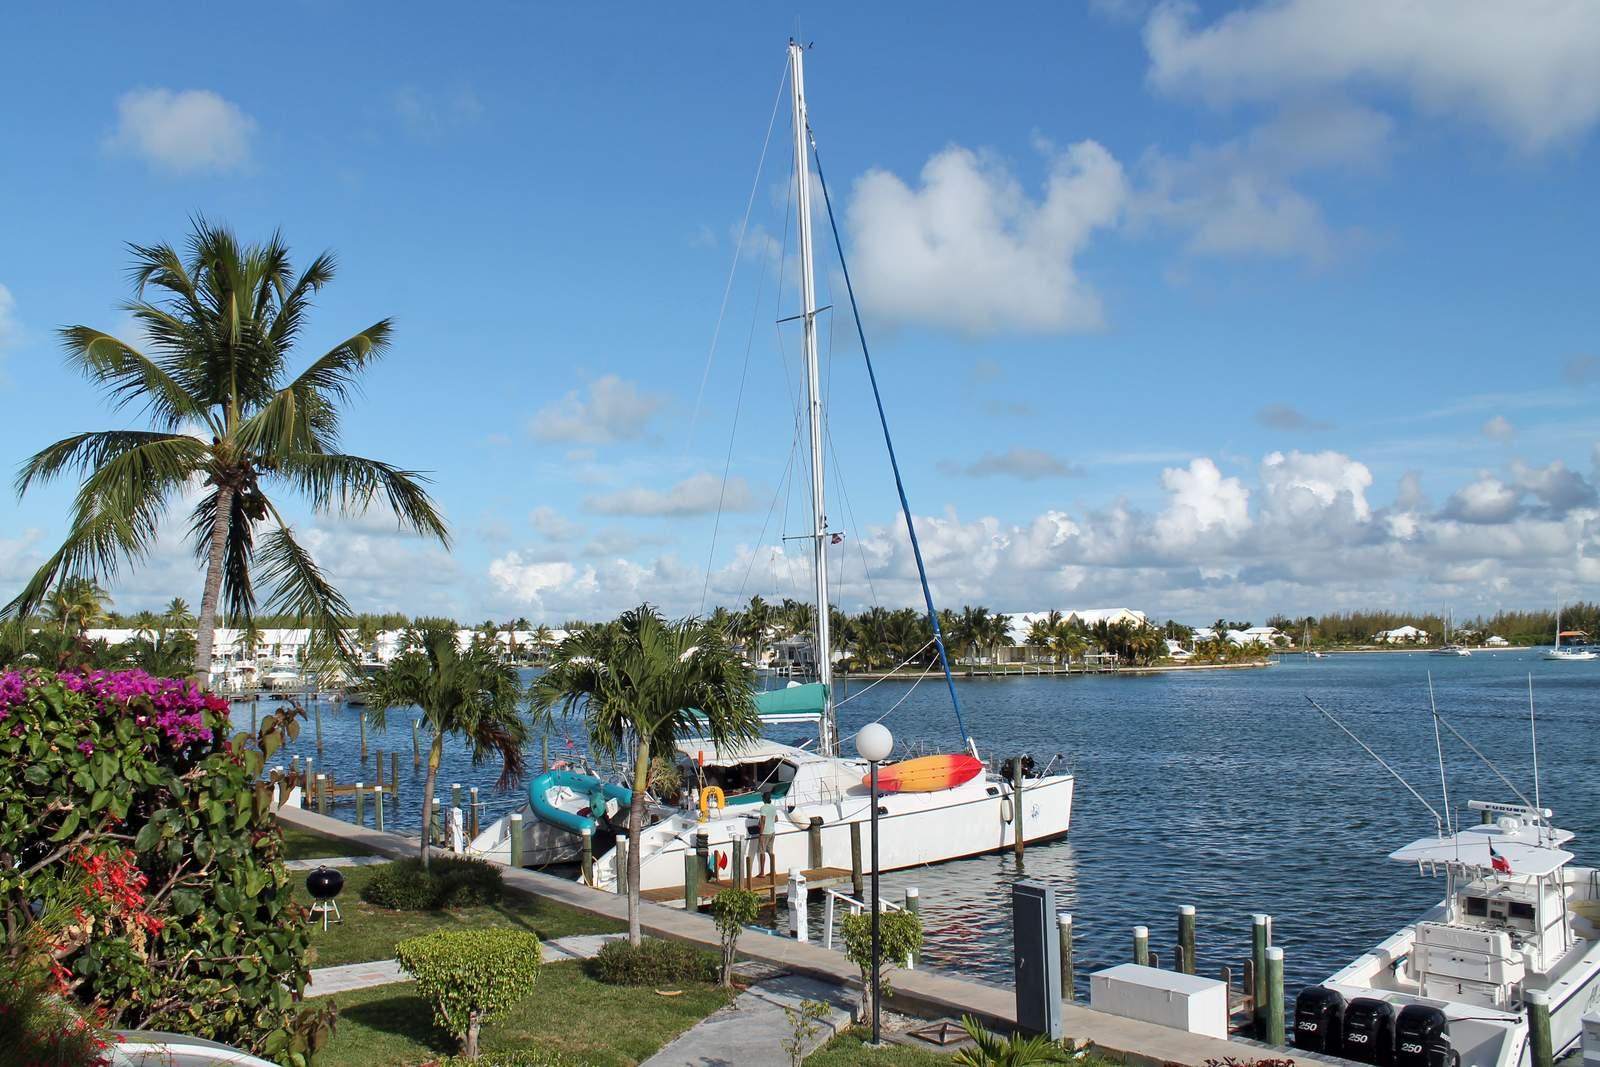 Ob Motor- oder Segelboot - ein Paradies zum Bootsfahren